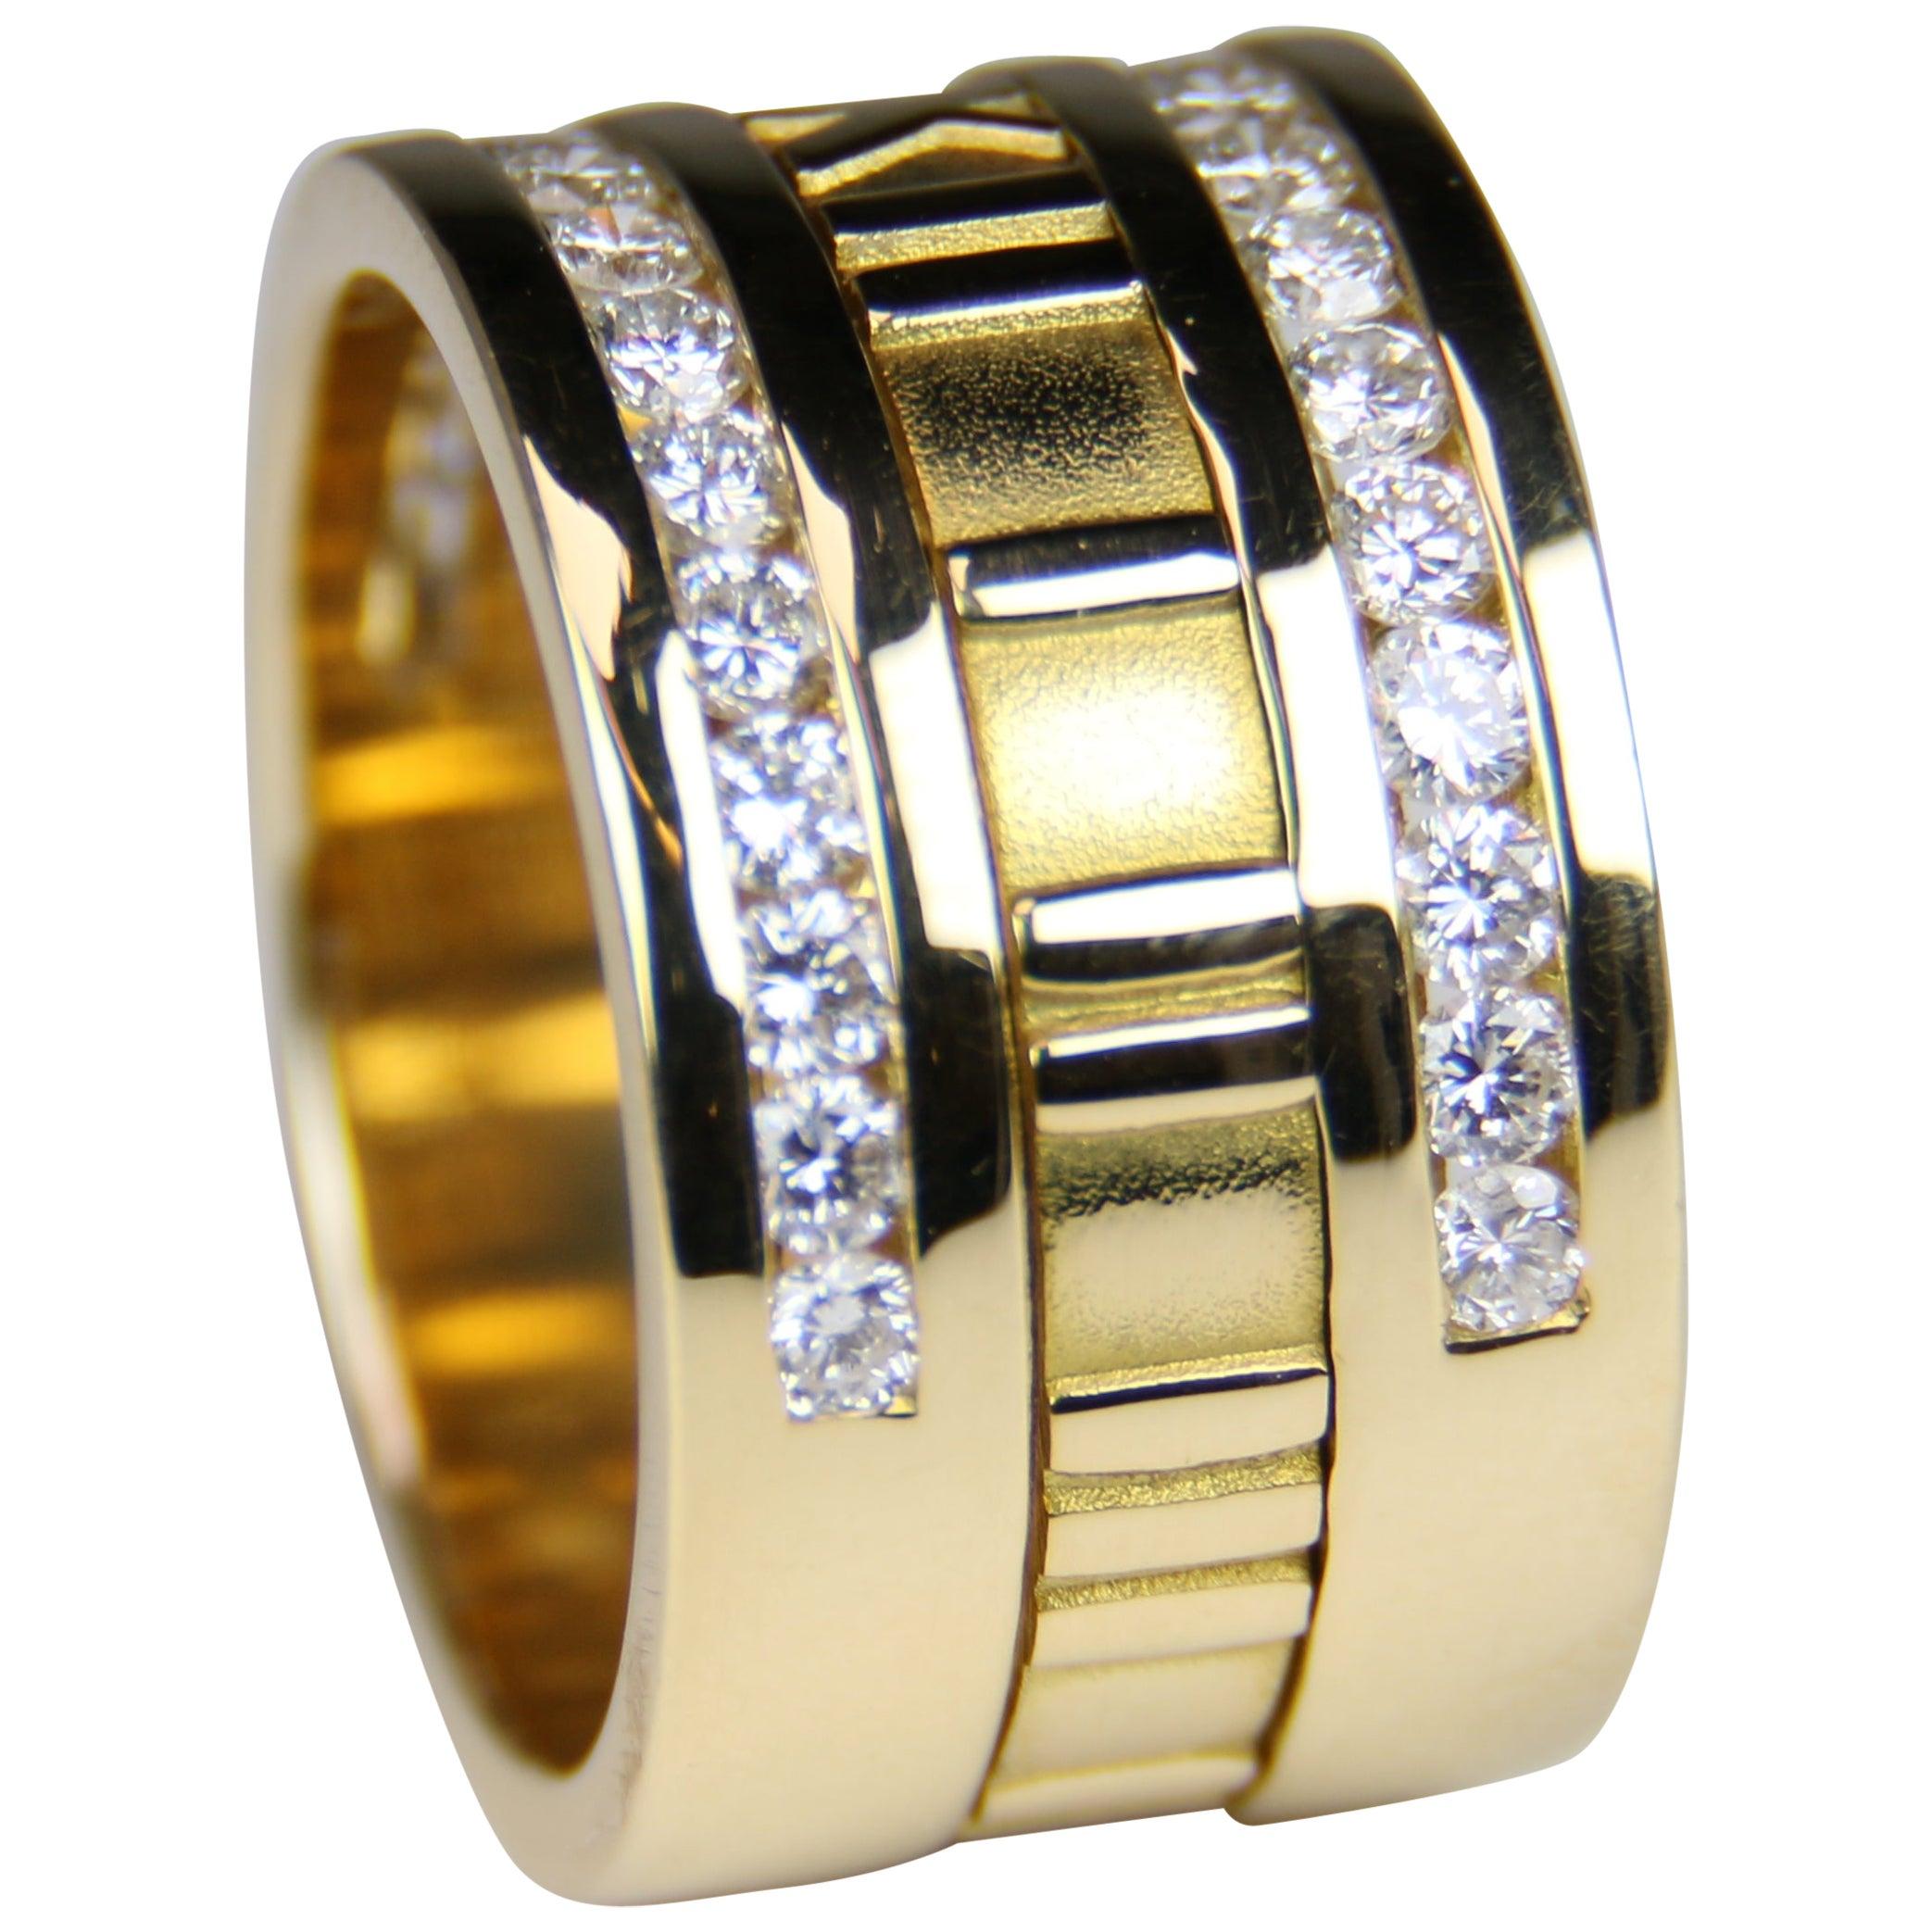 Tiffany & Co. 1995 Atlas Numeric Diamond Ring 18 Karat Yellow Gold